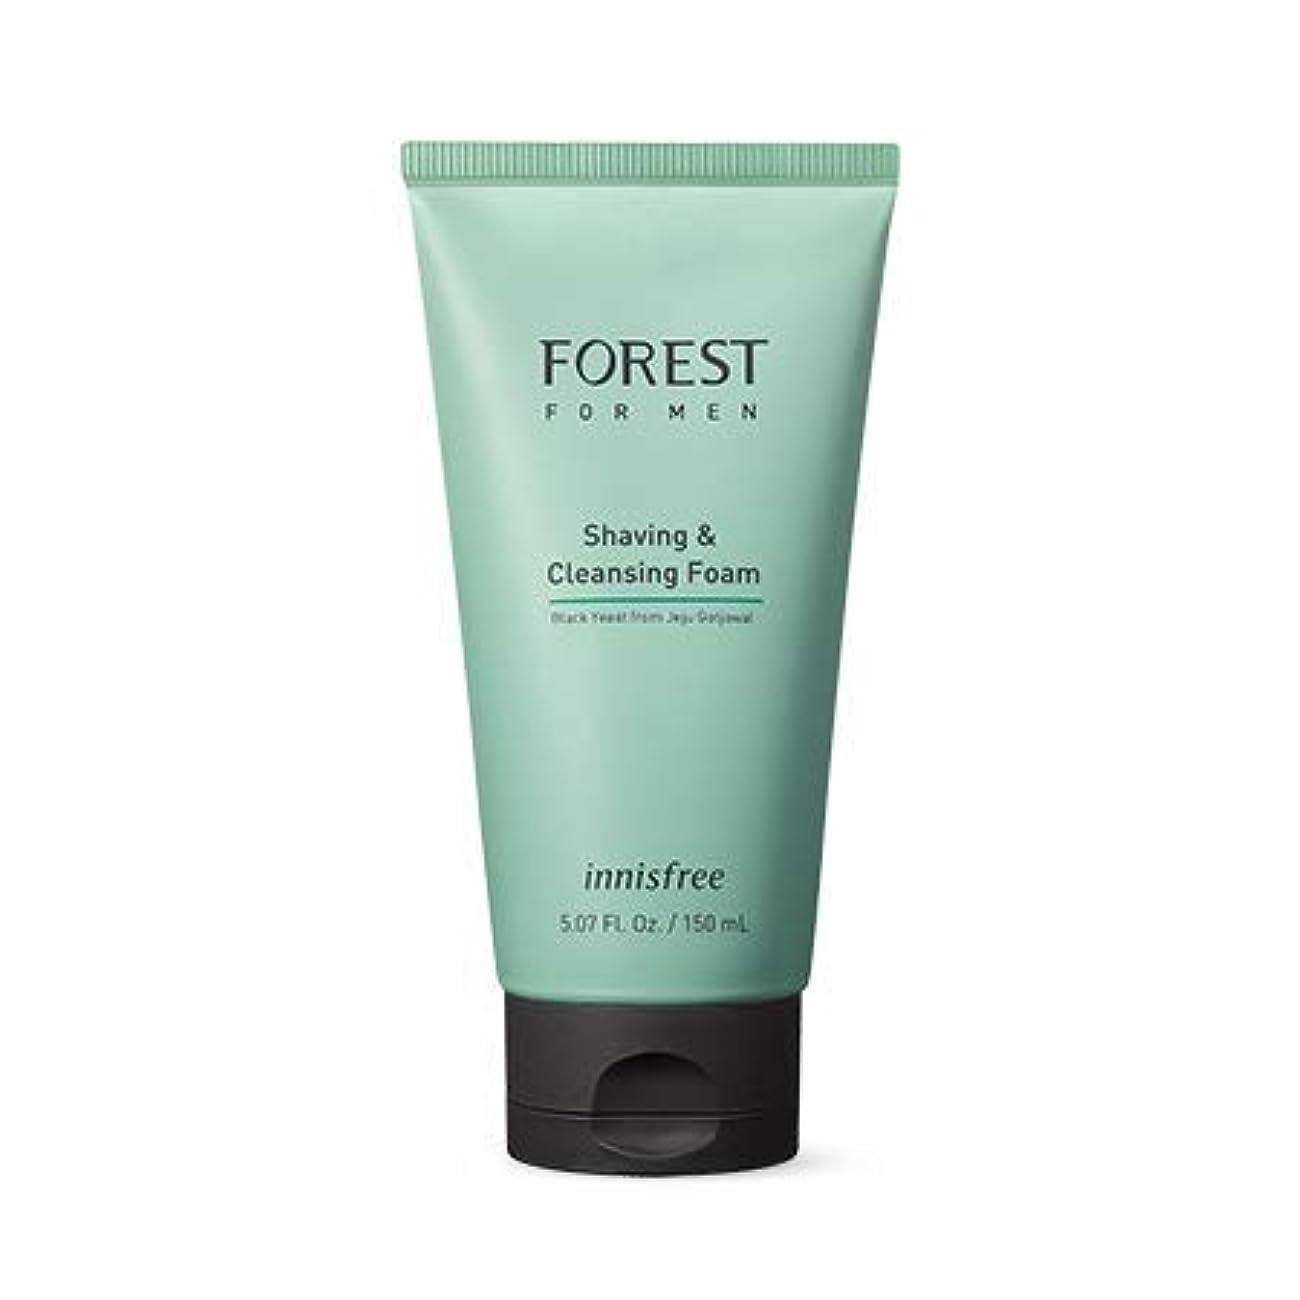 パーセントゴネリル一瞬[イニスフリー.innisfree]フォレストフォアマンシェービング&クレンジングフォーム150mL(2019.05新製品)/ Forest for Men Shaving&Cleansing Foam